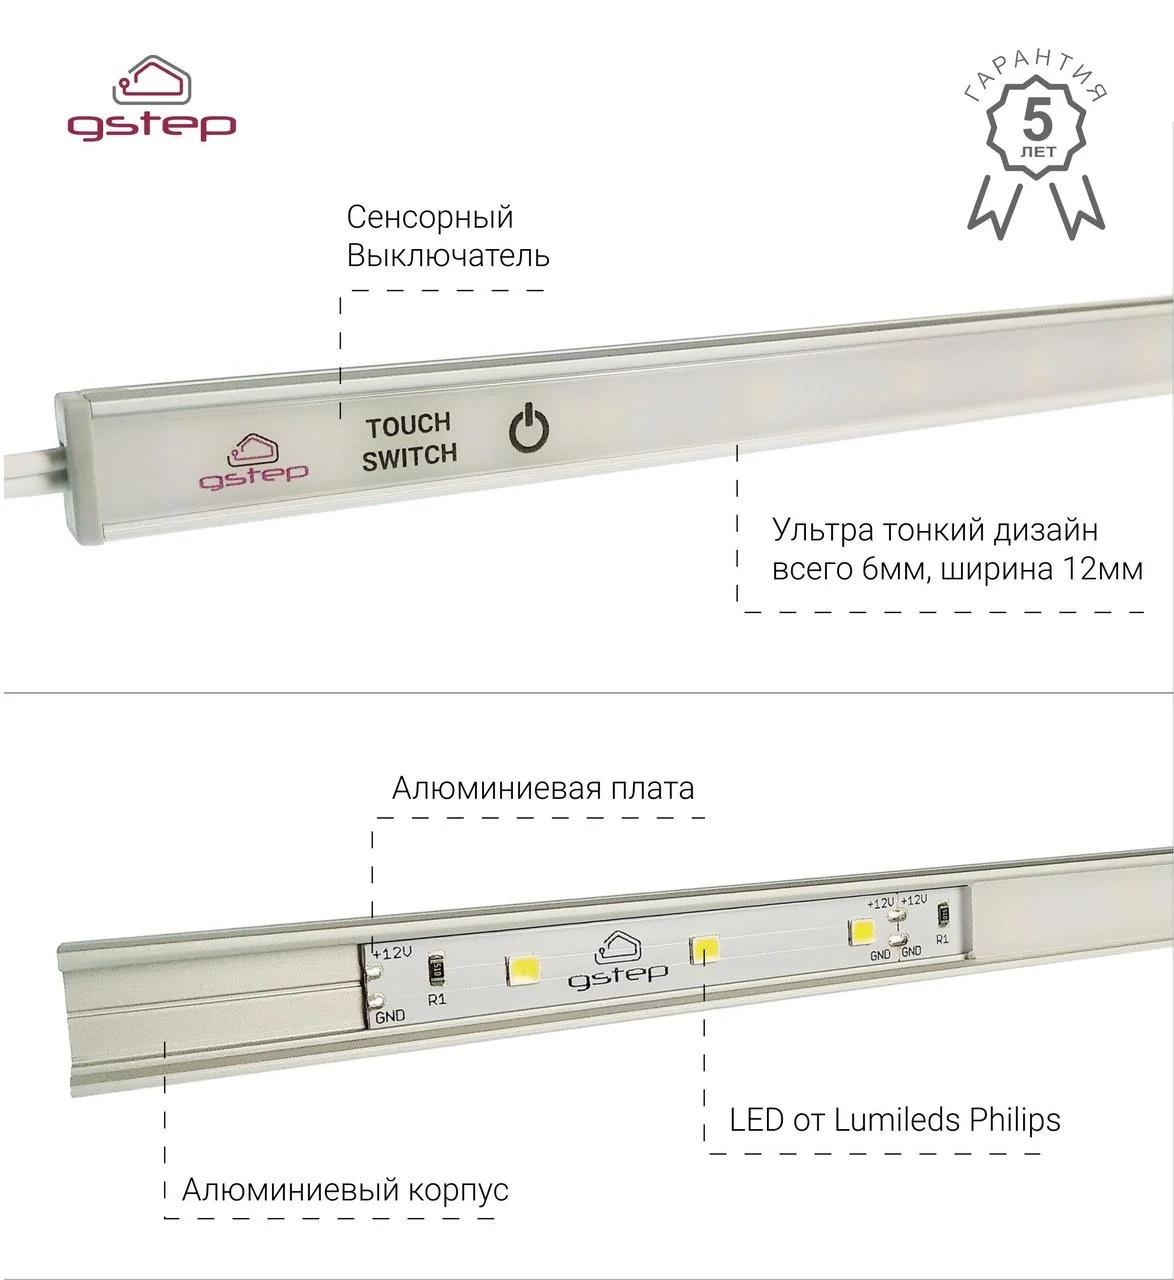 Gstep UCL 100 см сенсорная светодиодная подсветка кухни, столешницы, мебели. Нейтральный белый 4000К